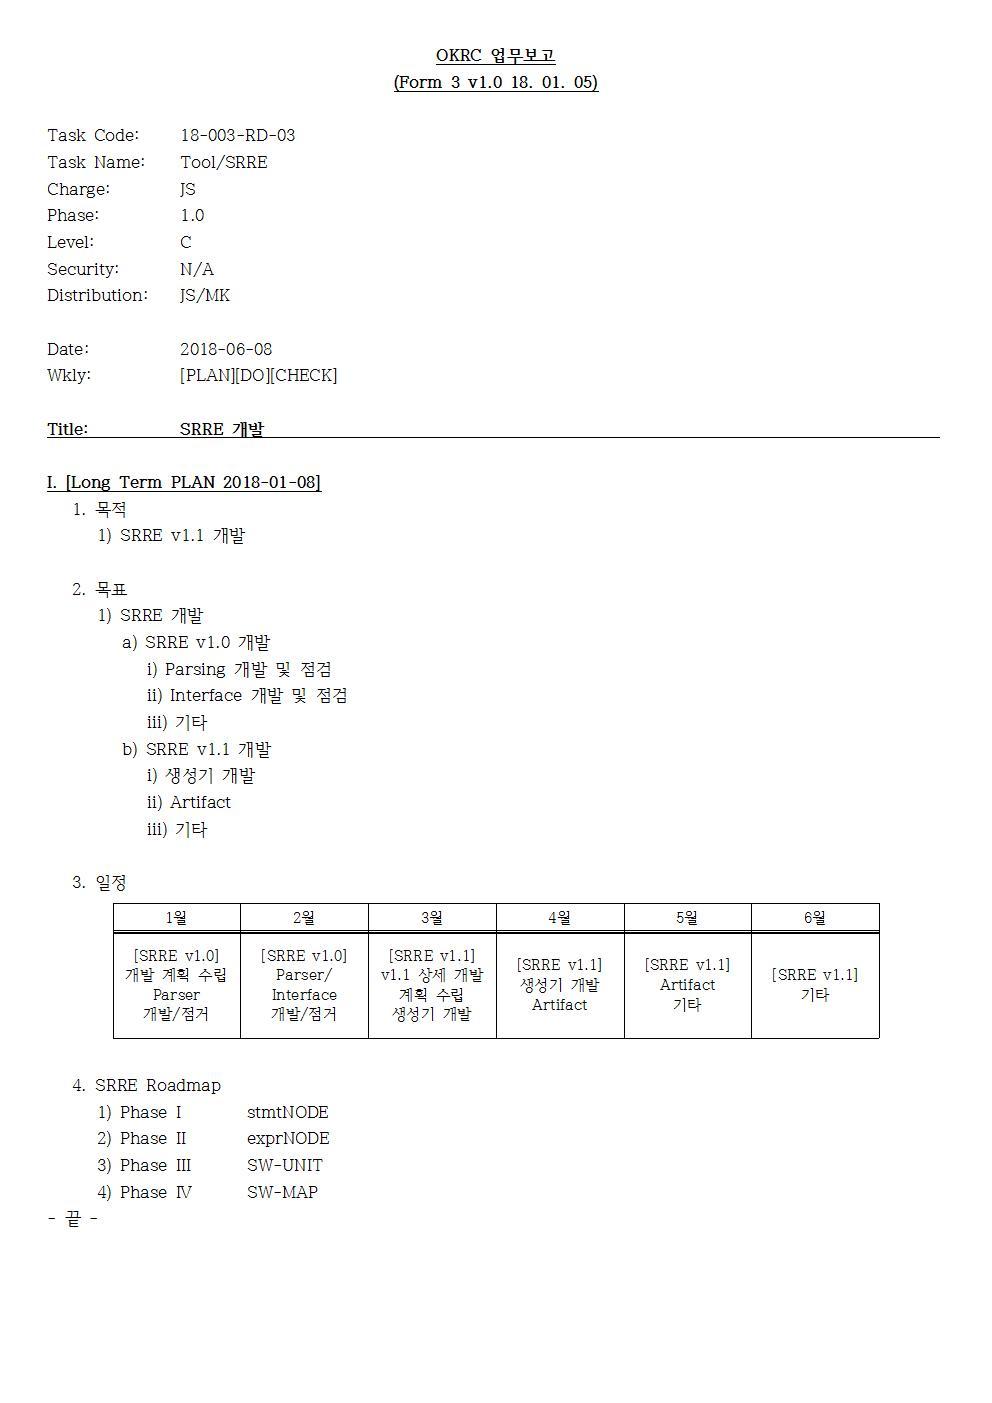 D-[18-003-RD-03]-[SRRE]-[2018-06-08][JS]001.jpg